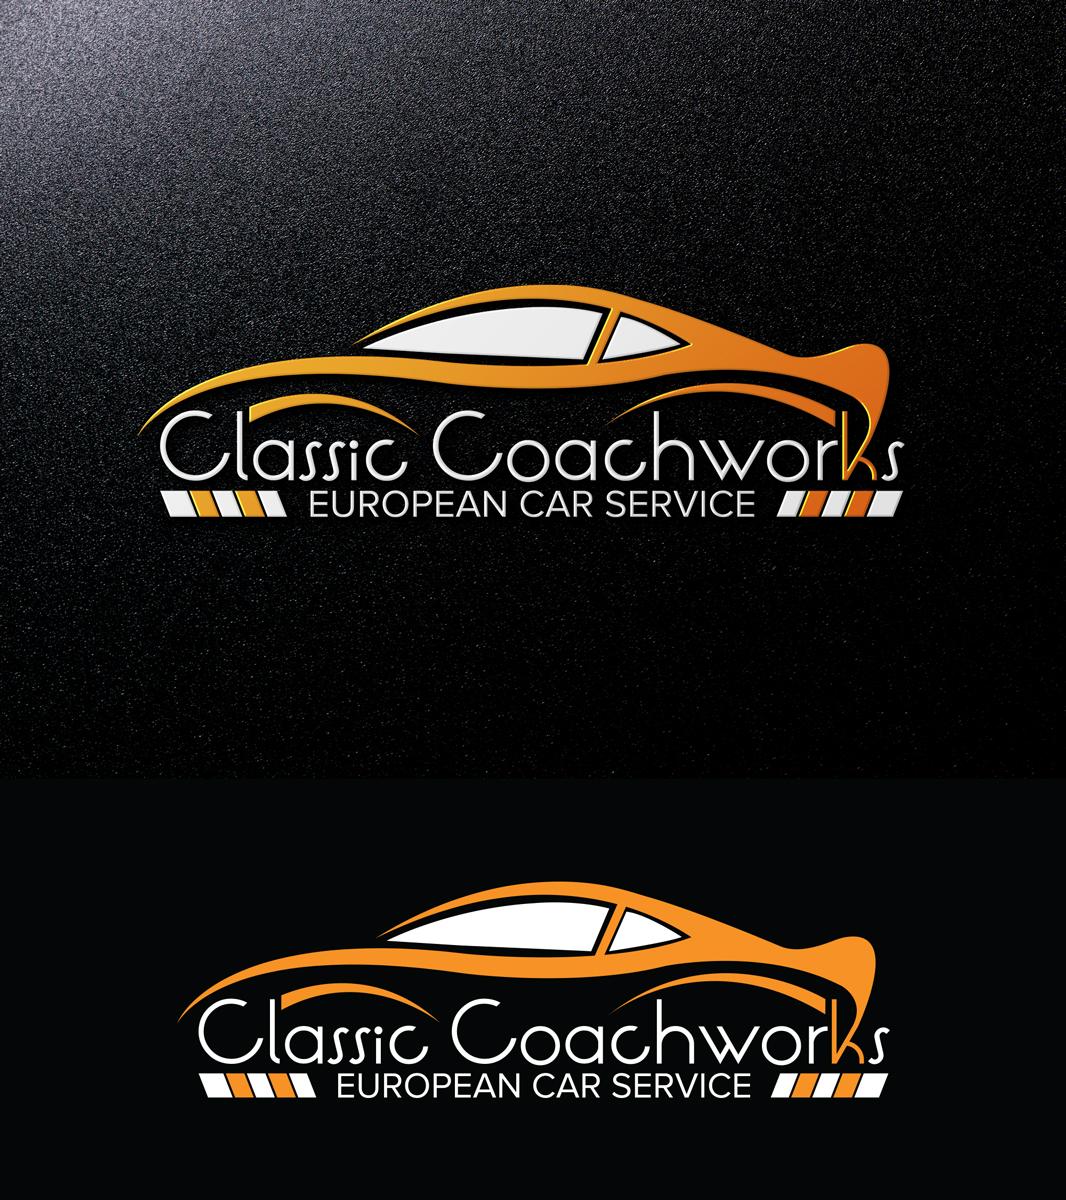 Elegant Serious Auto Repair Logo Design For Classic Coachworks